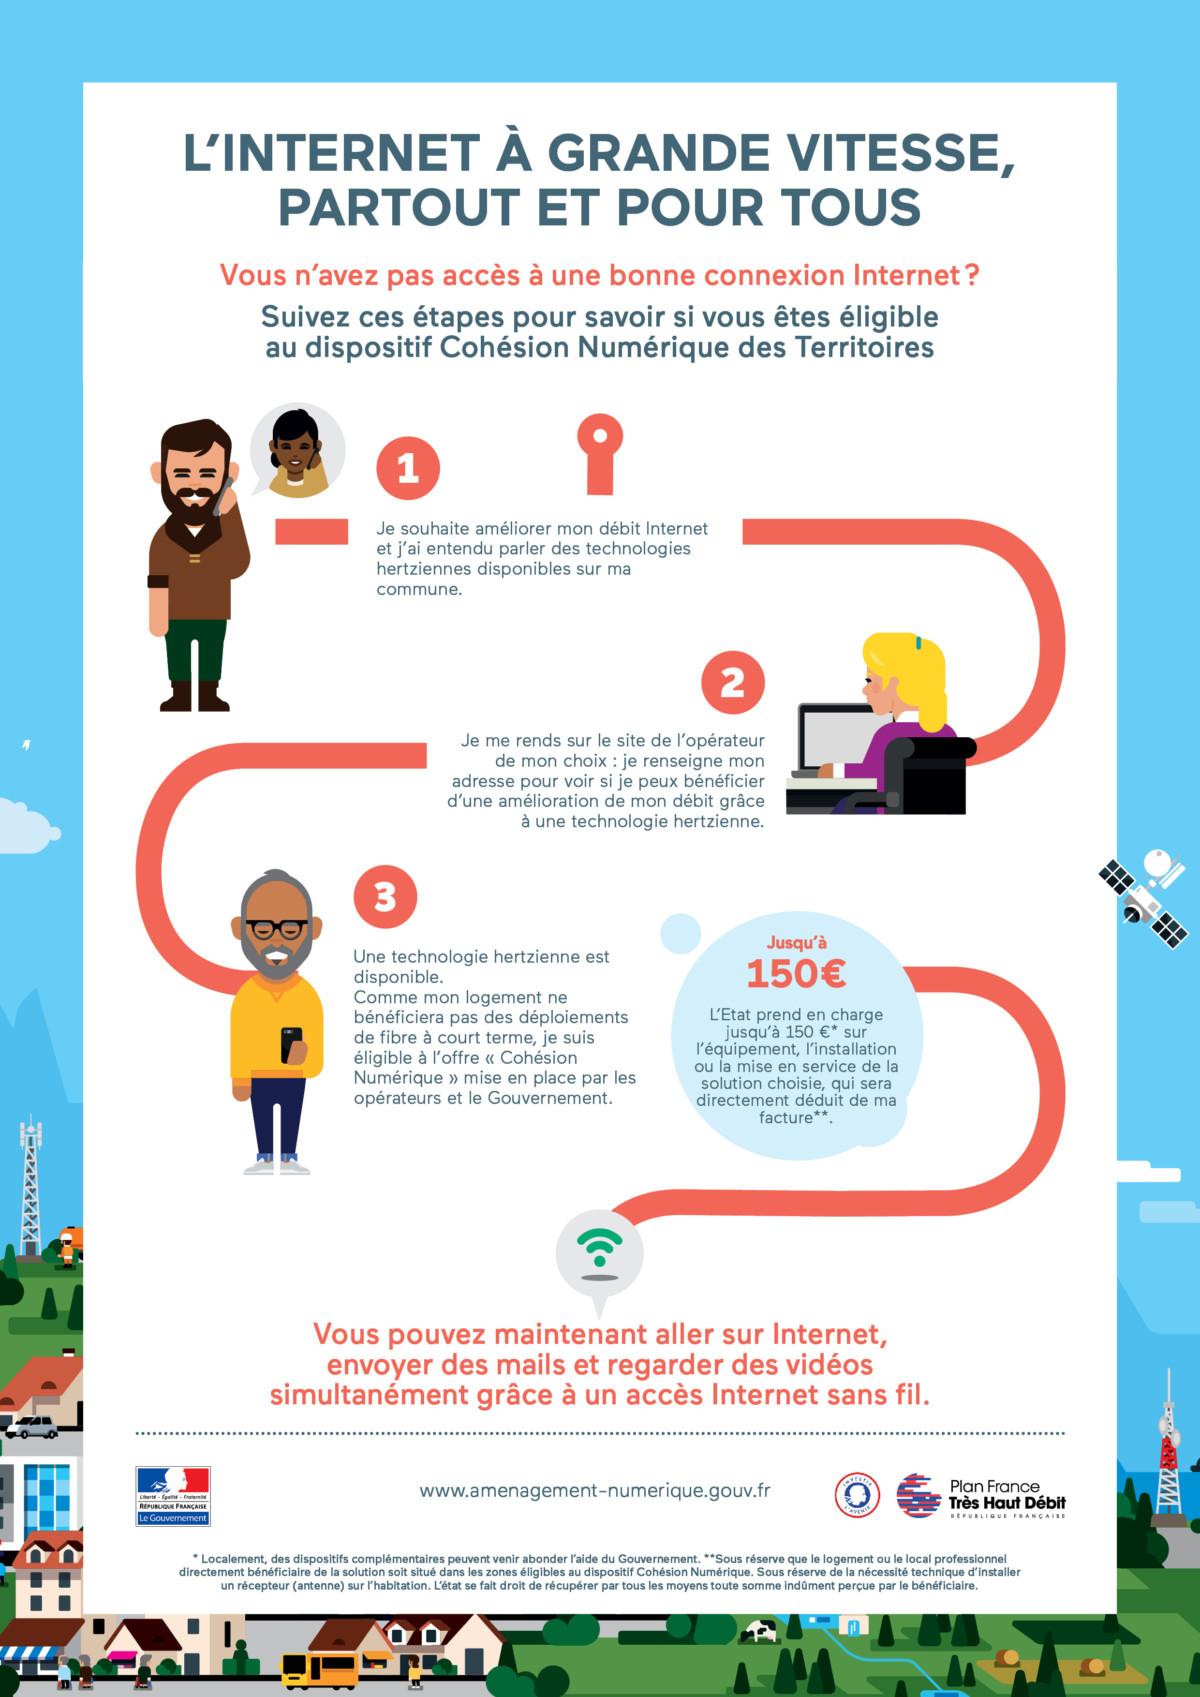 Box 4G : l'État vous fournit une aide financière en cas de mauvaise connexion fixe